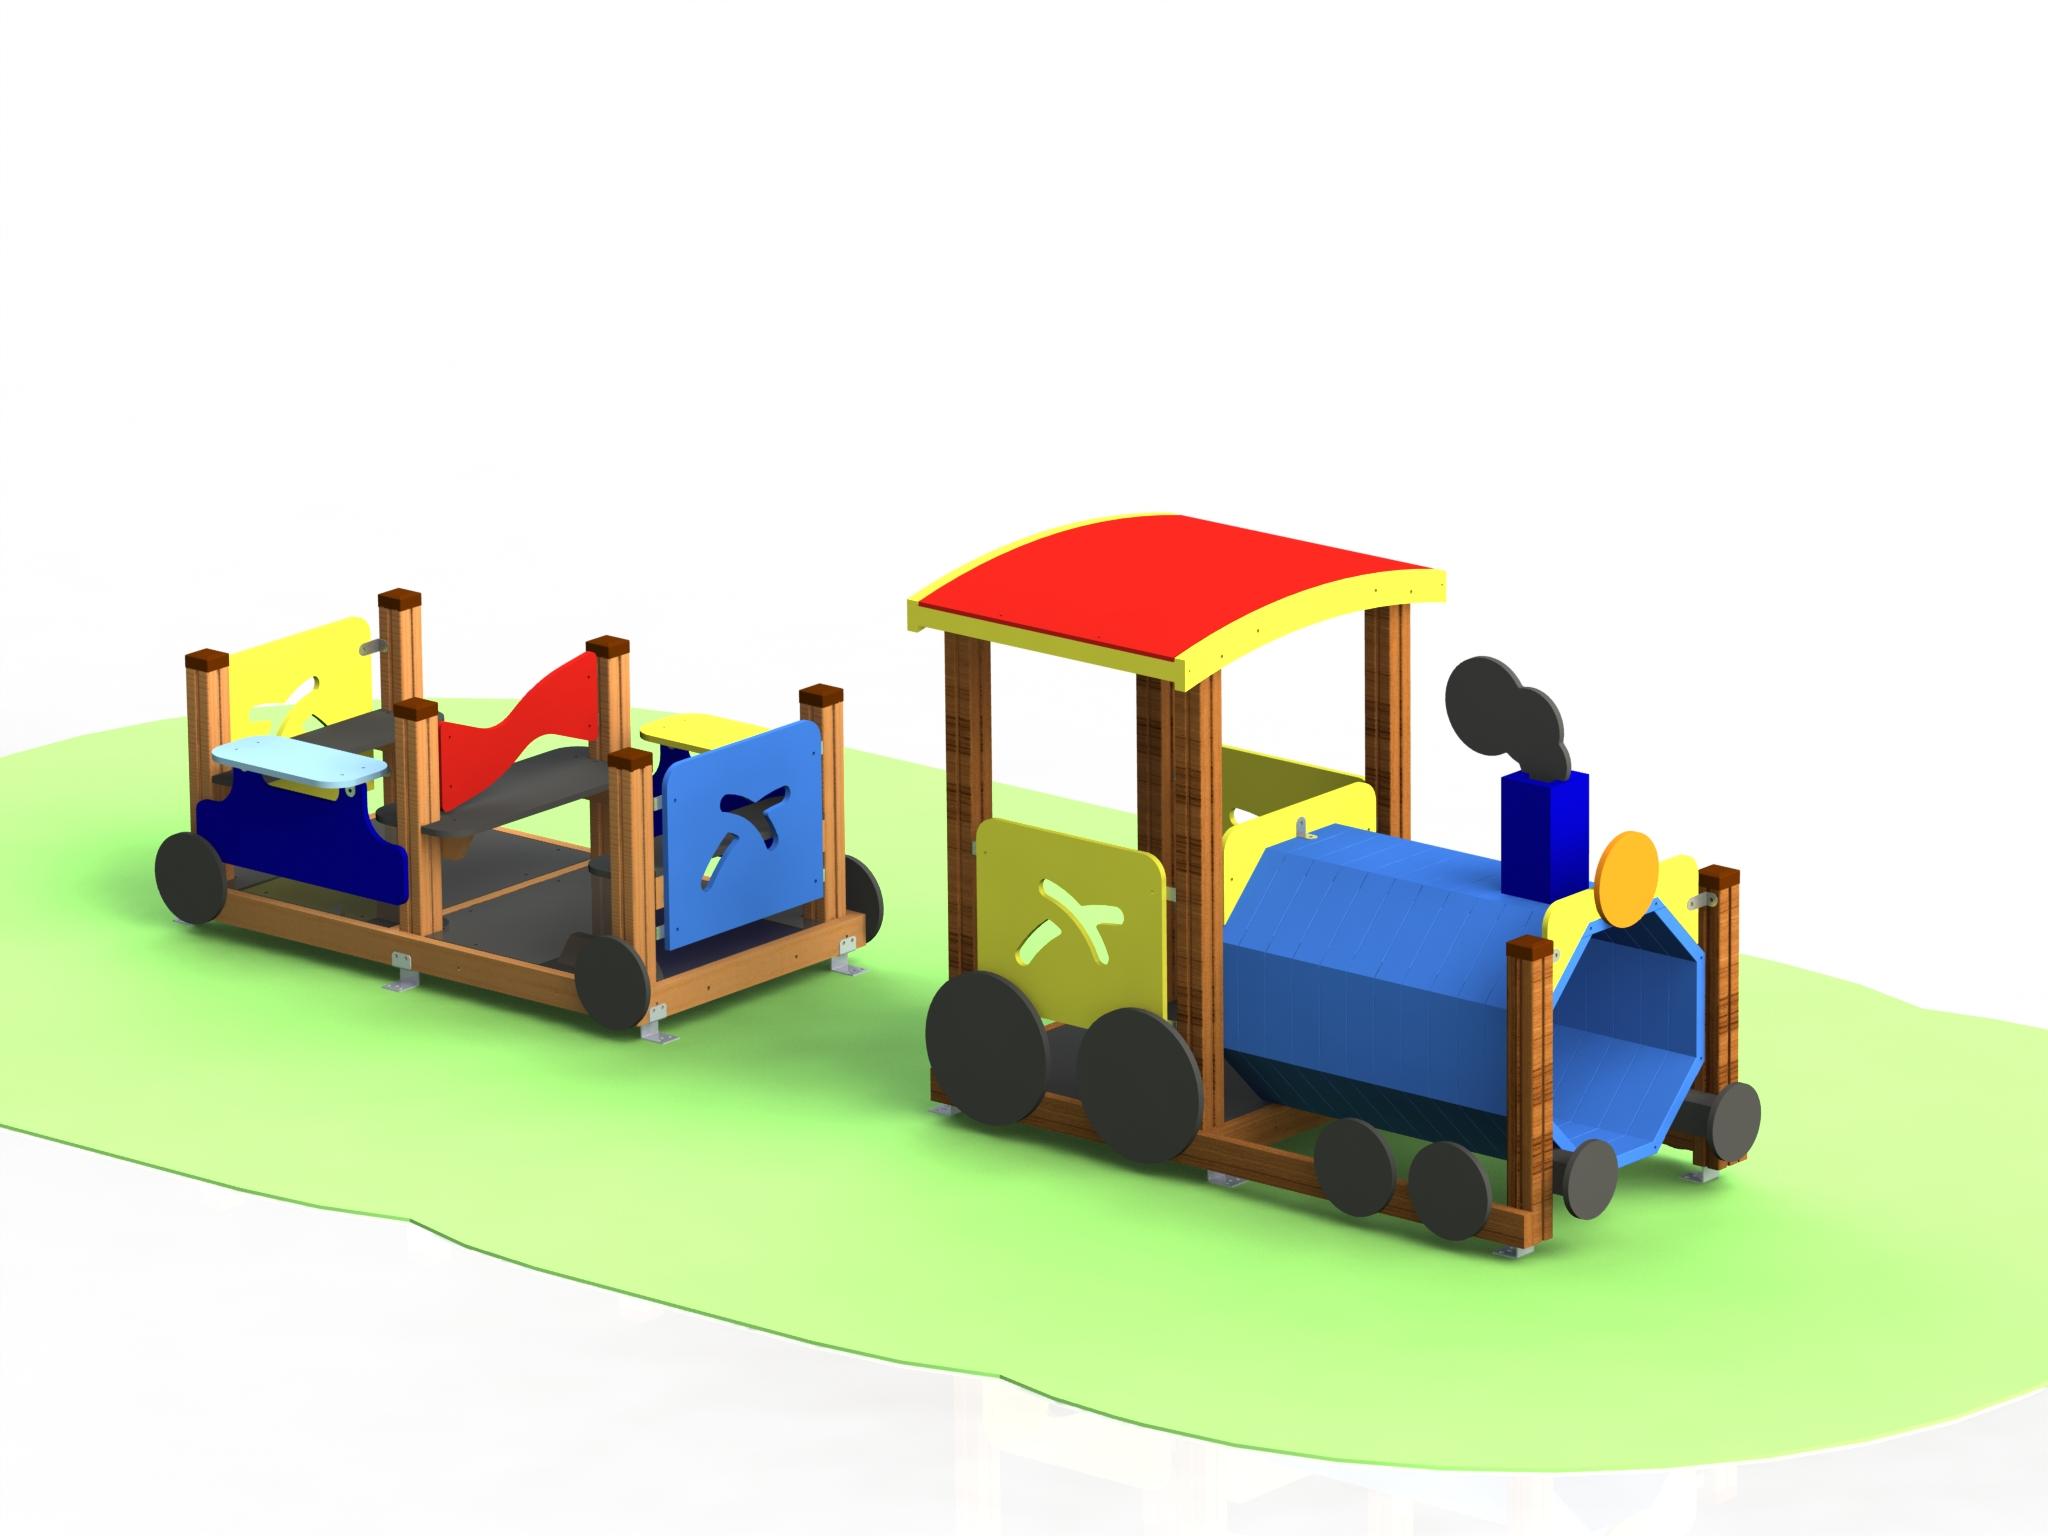 """Снимка на продукта: Комбинирано детско съоръжение, модел КД62 – """"Влакче"""""""